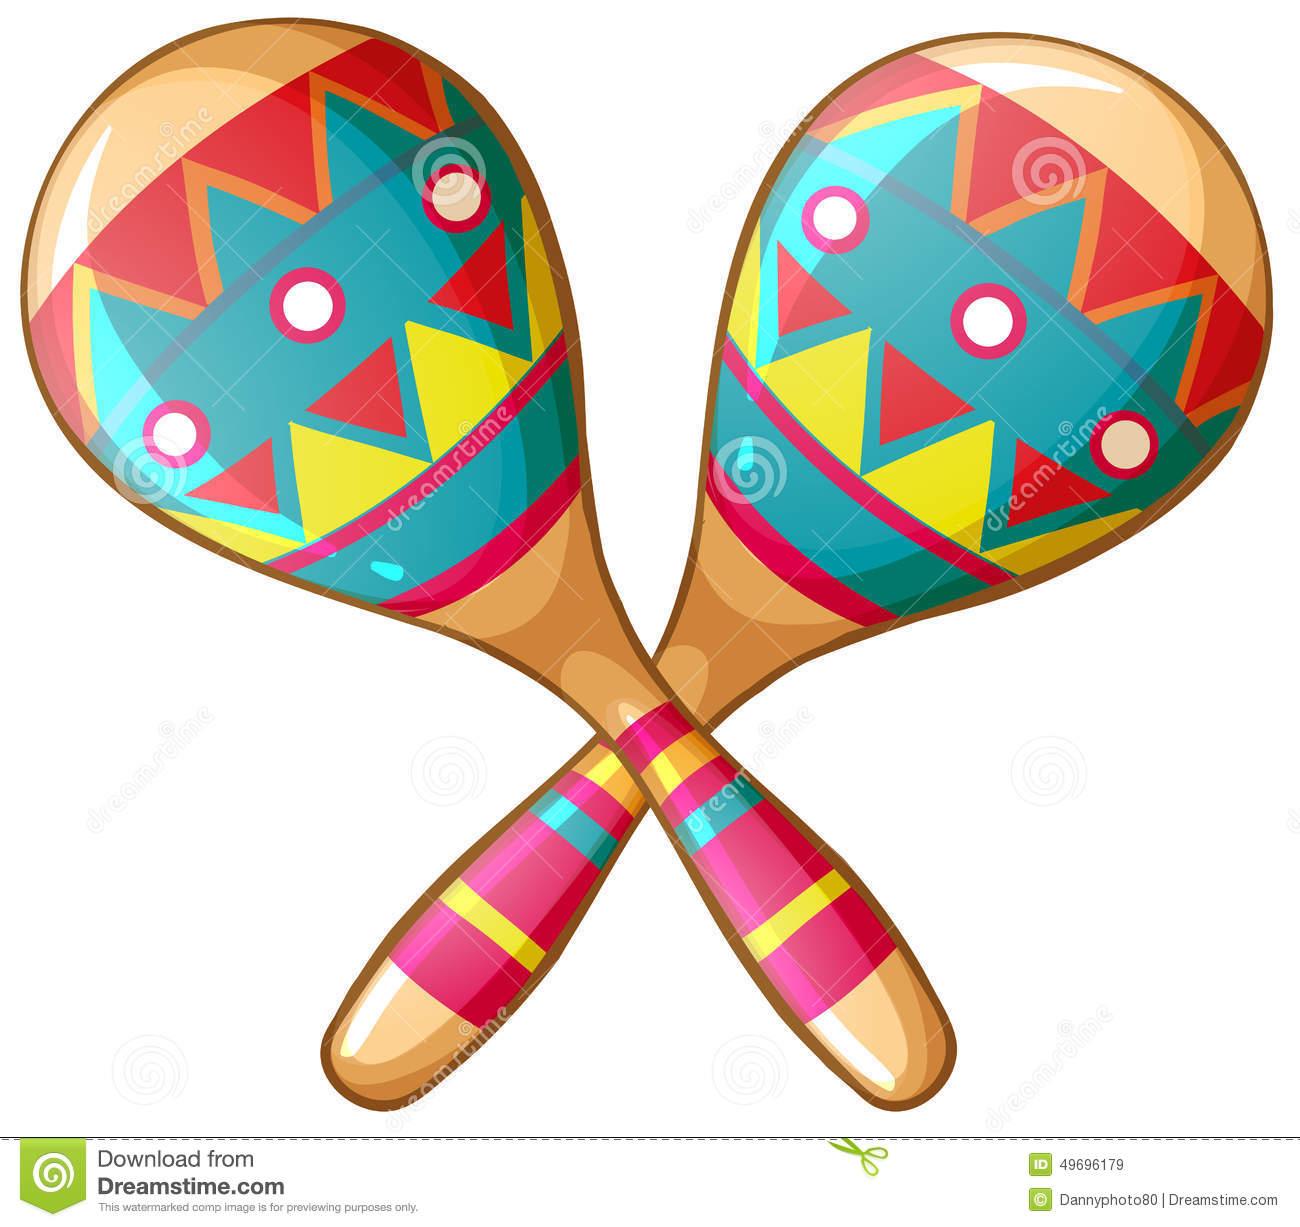 Mexican maracas clipart freeuse stock 39+ Maracas Clip Art | ClipartLook freeuse stock